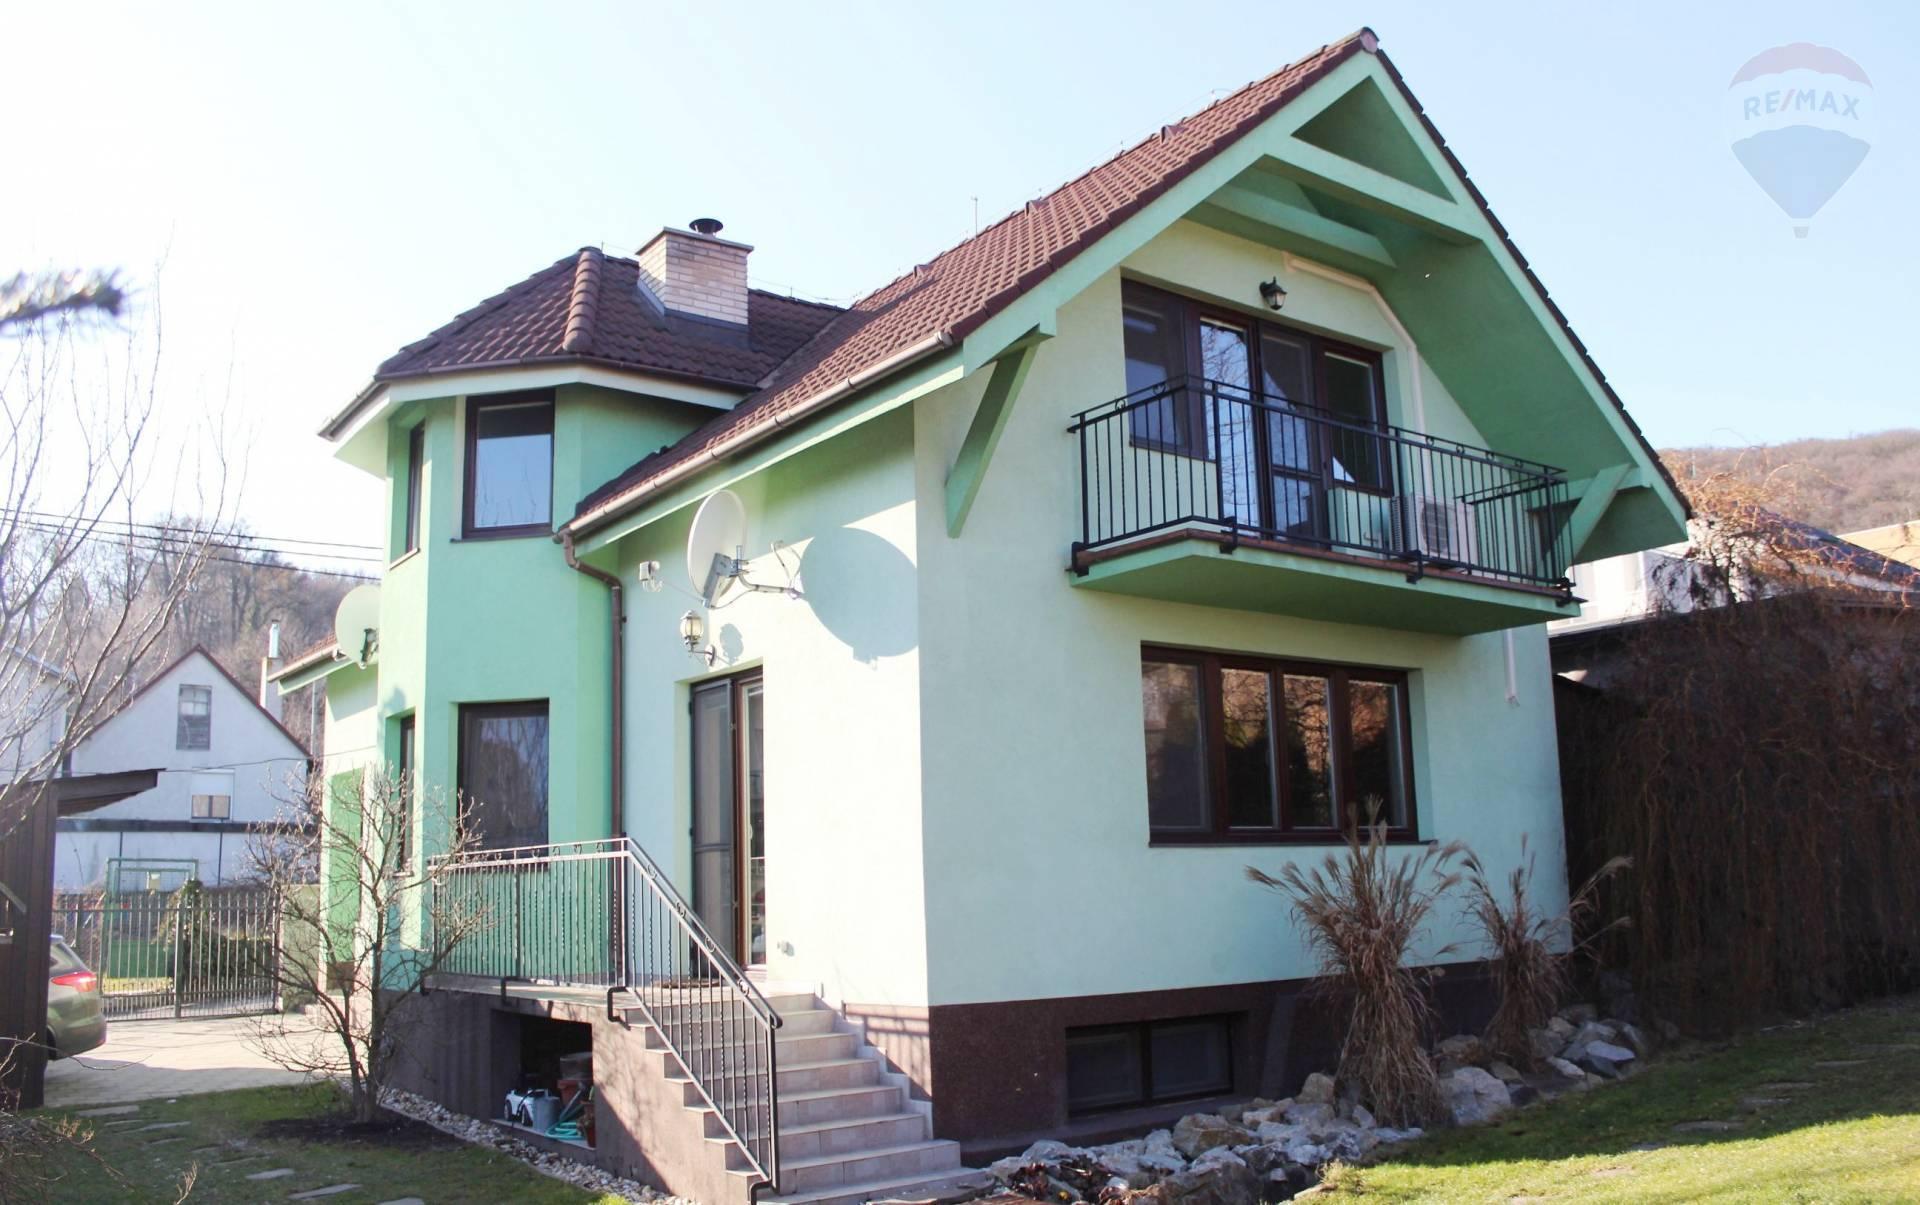 Predaj domu 211 m2, Bratislava - Nové Mesto